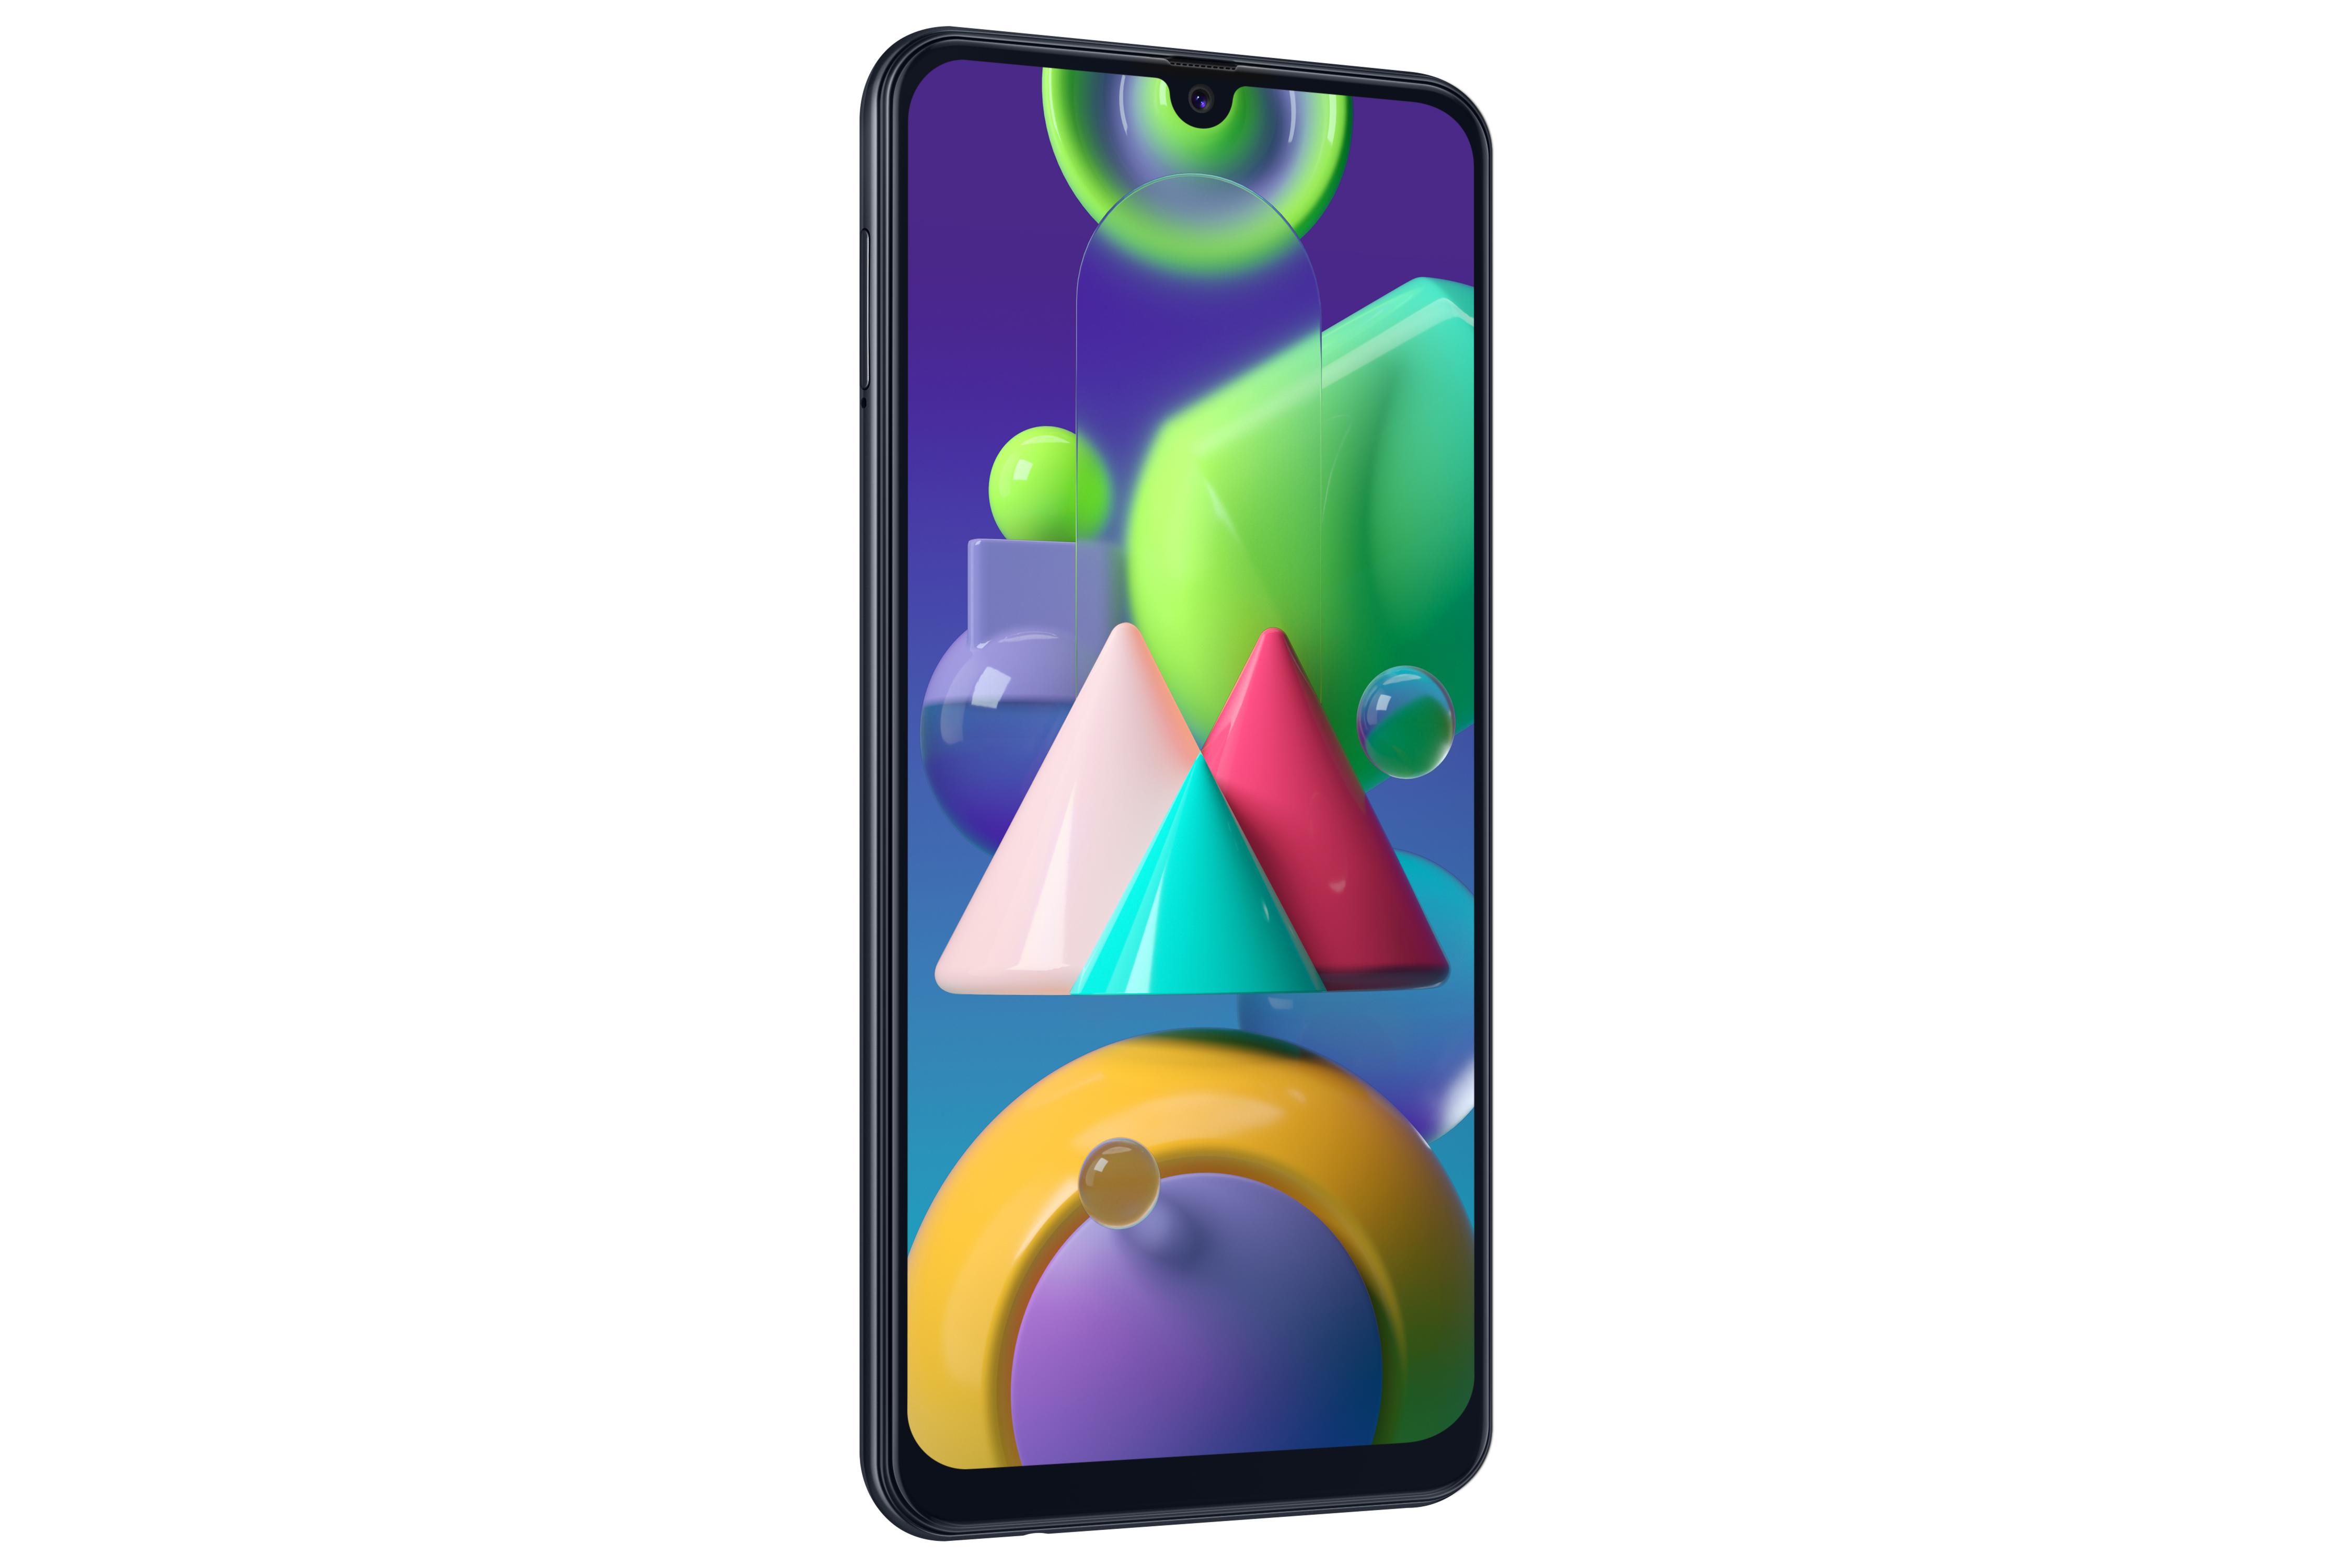 Galaxy M21: Neues Samsung-Smartphone mit Riesenakku kostet 220 Euro - Im Inneren arbeitet ein Exynos-Mittelklasse-SoC. (Bild: Samsung)